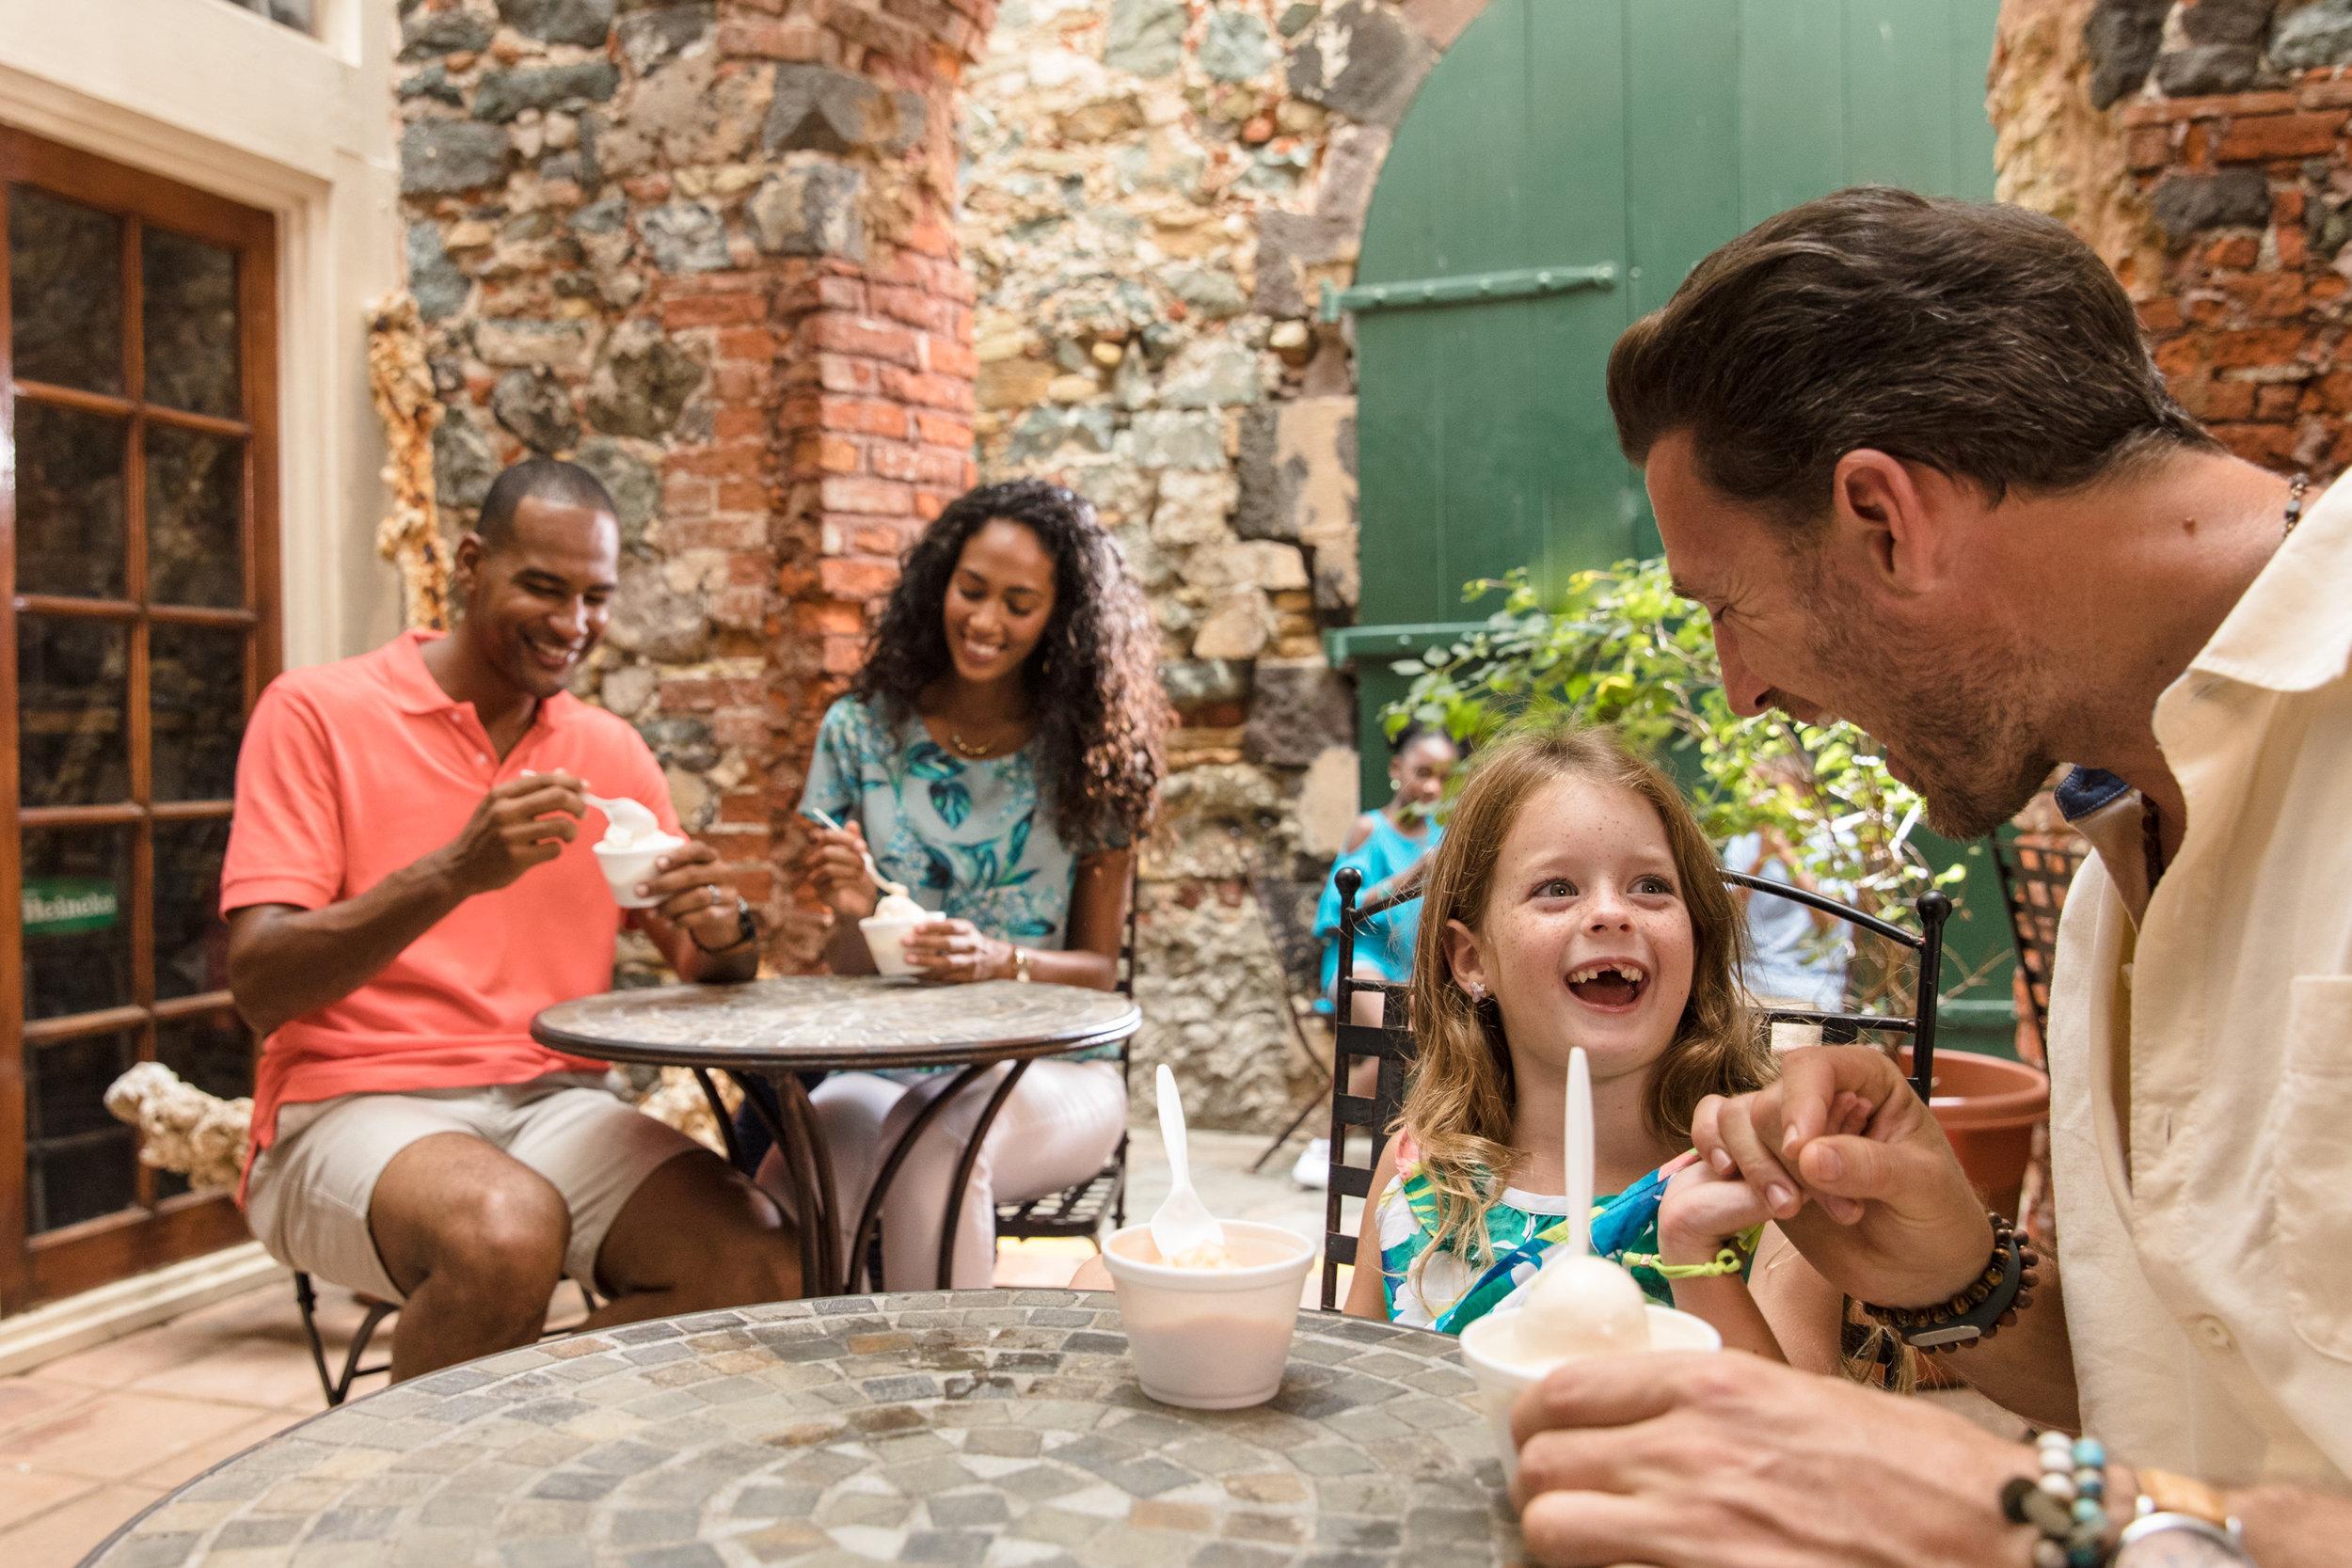 chris-sista-lifestyle-families-0026.jpg